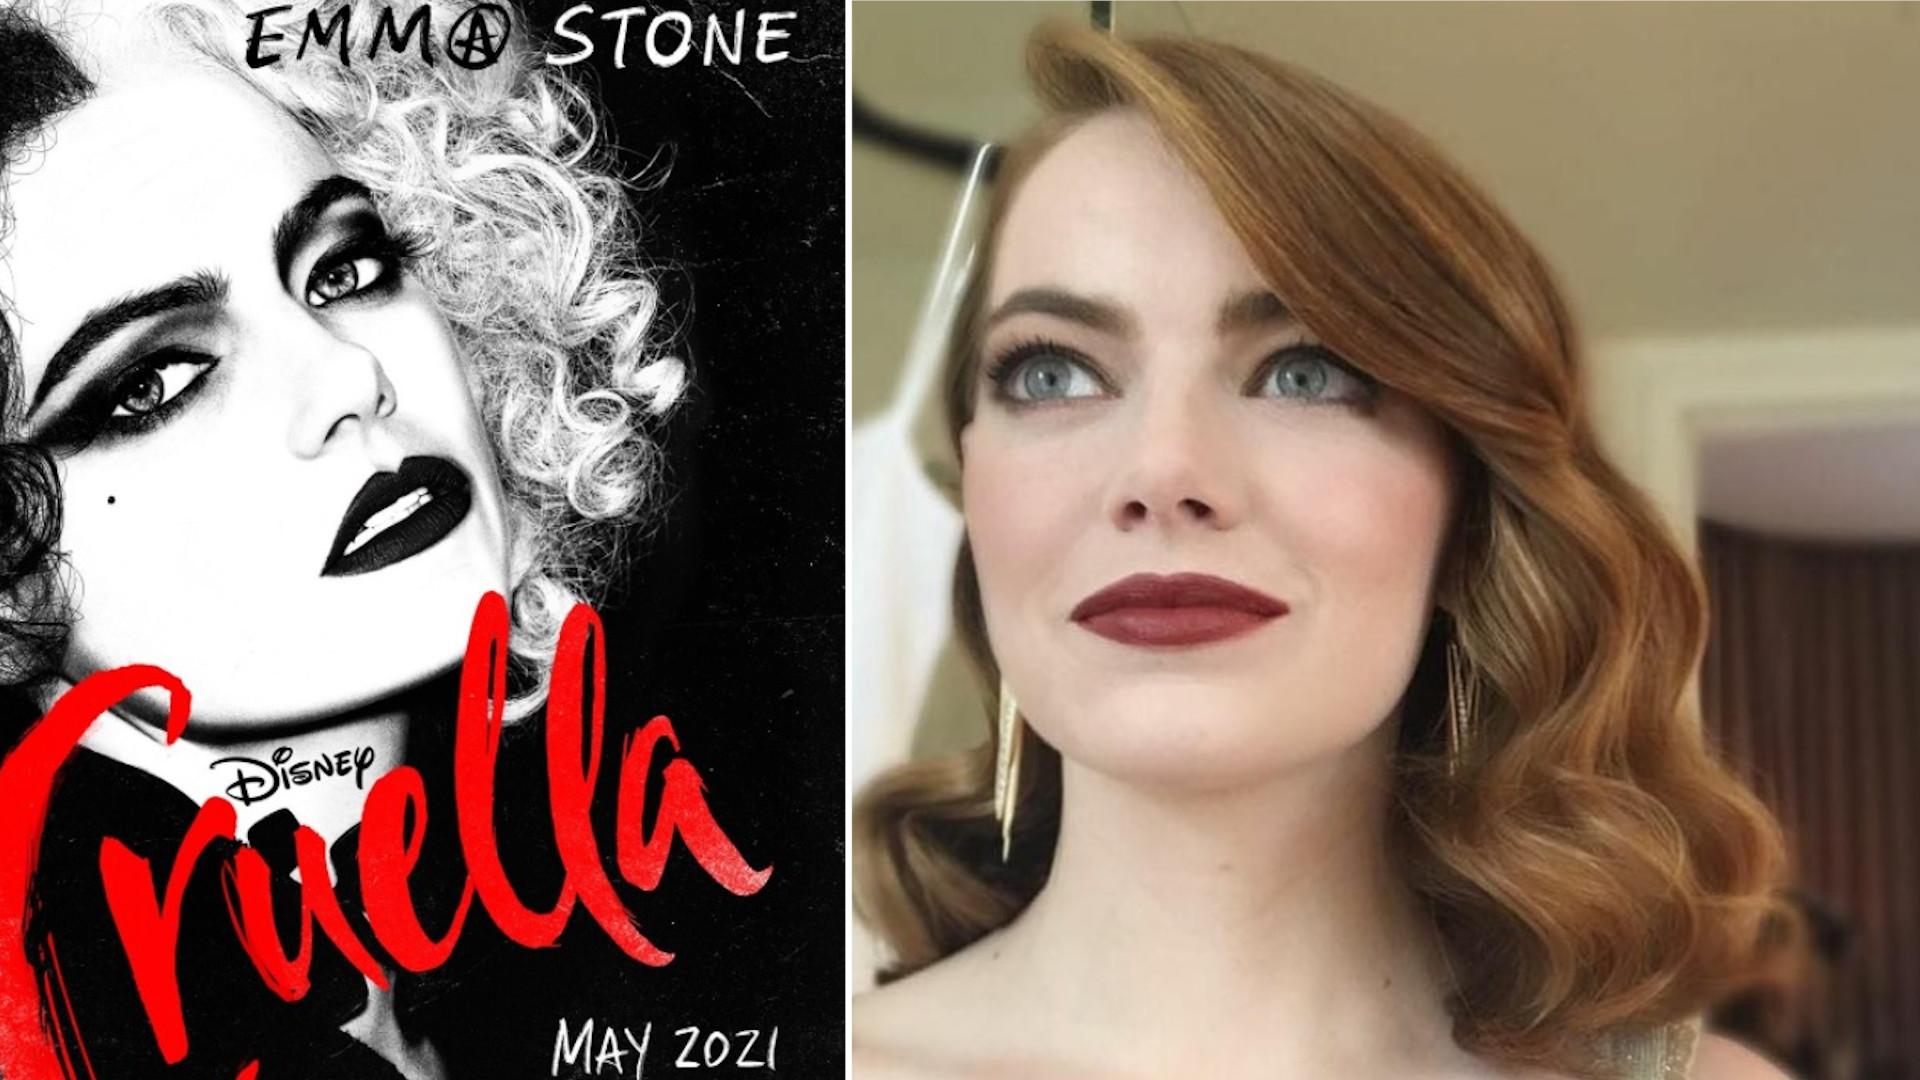 Emma Stone jako Cruella De Mon. Genialna charakteryzacja!